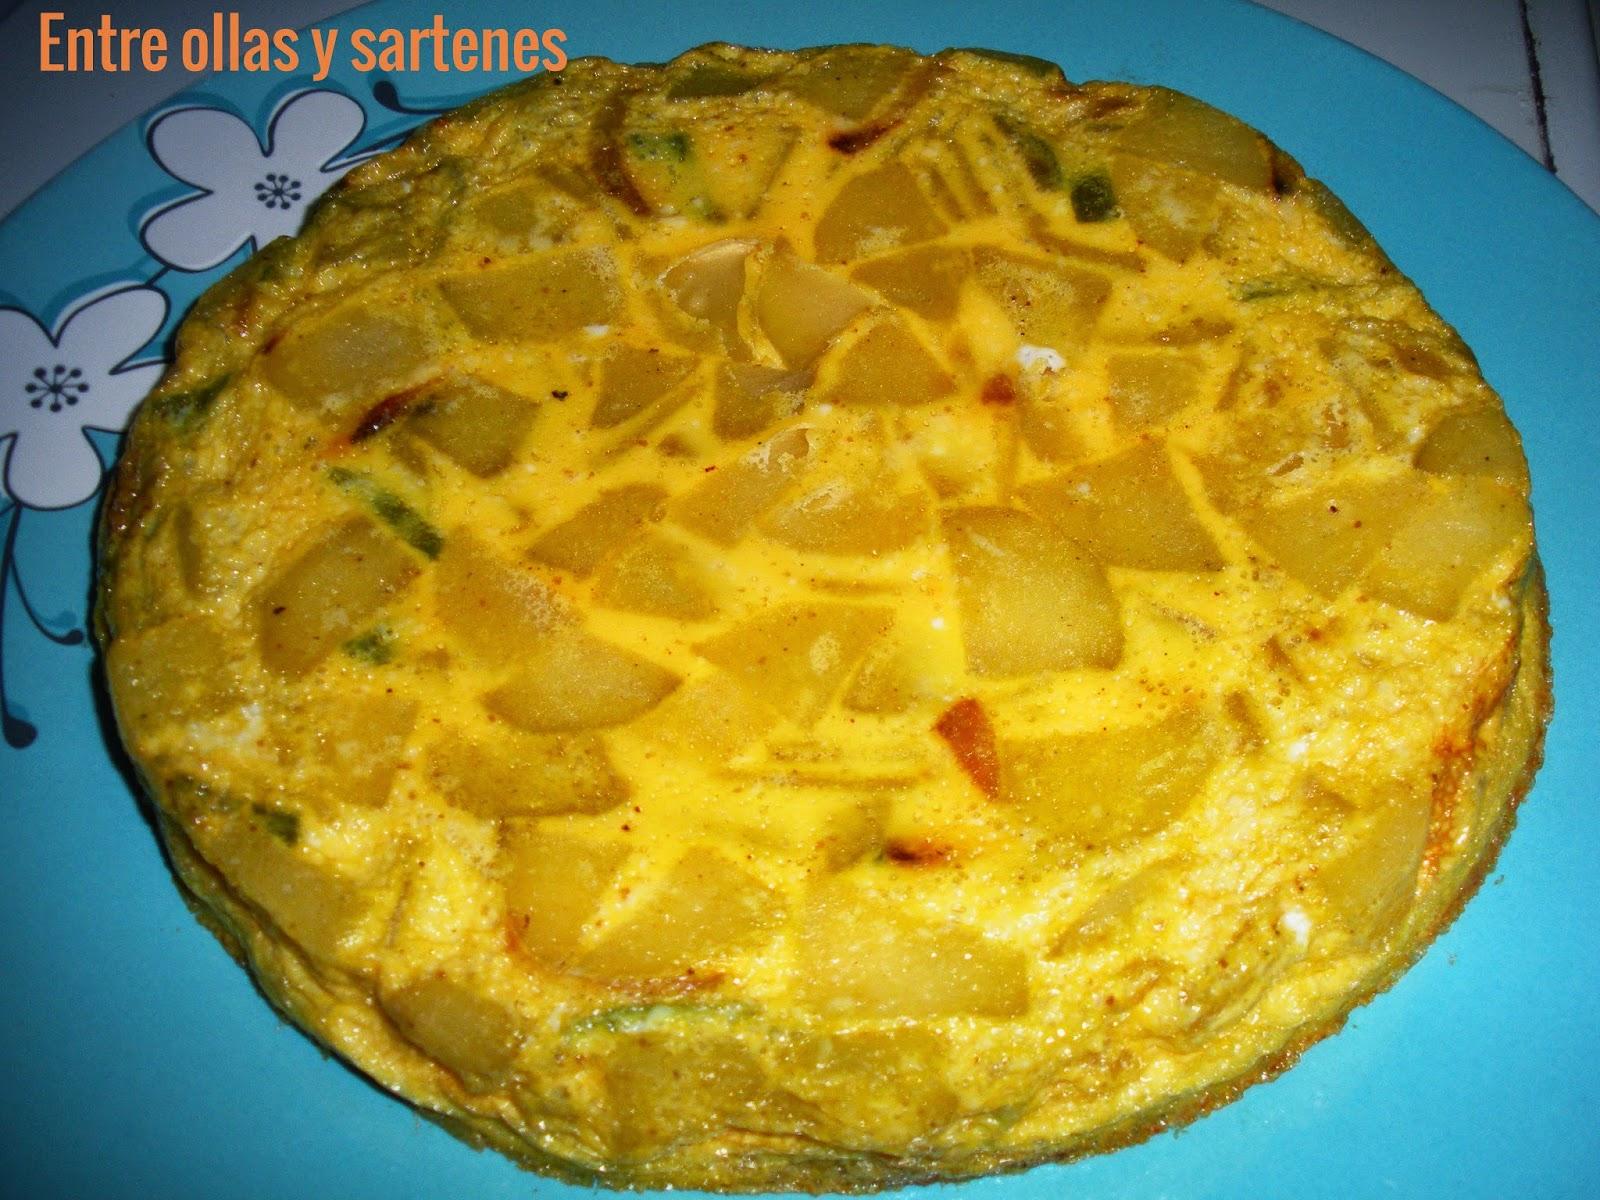 Entre ollas y sartenes tortilla espa ola al horno - Sartenes para tortilla ...